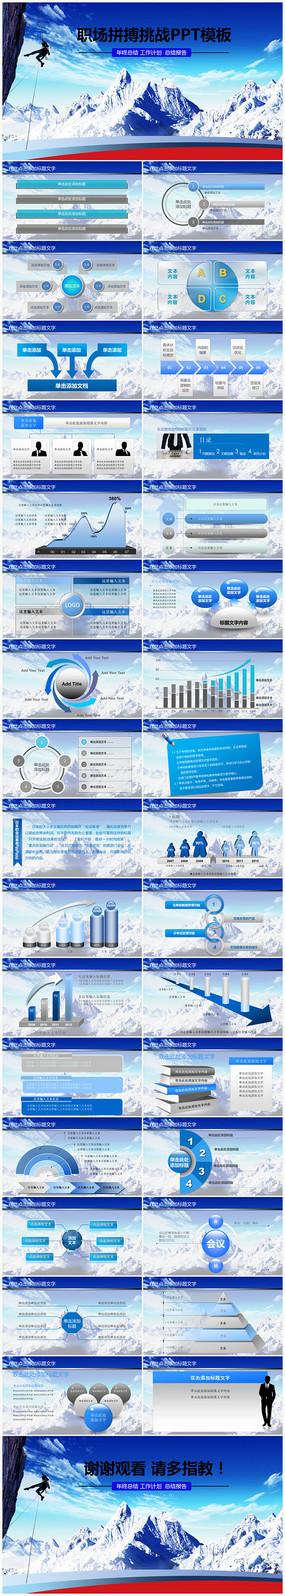 攀登高峰跨越发展拼搏企业文化PPT模板